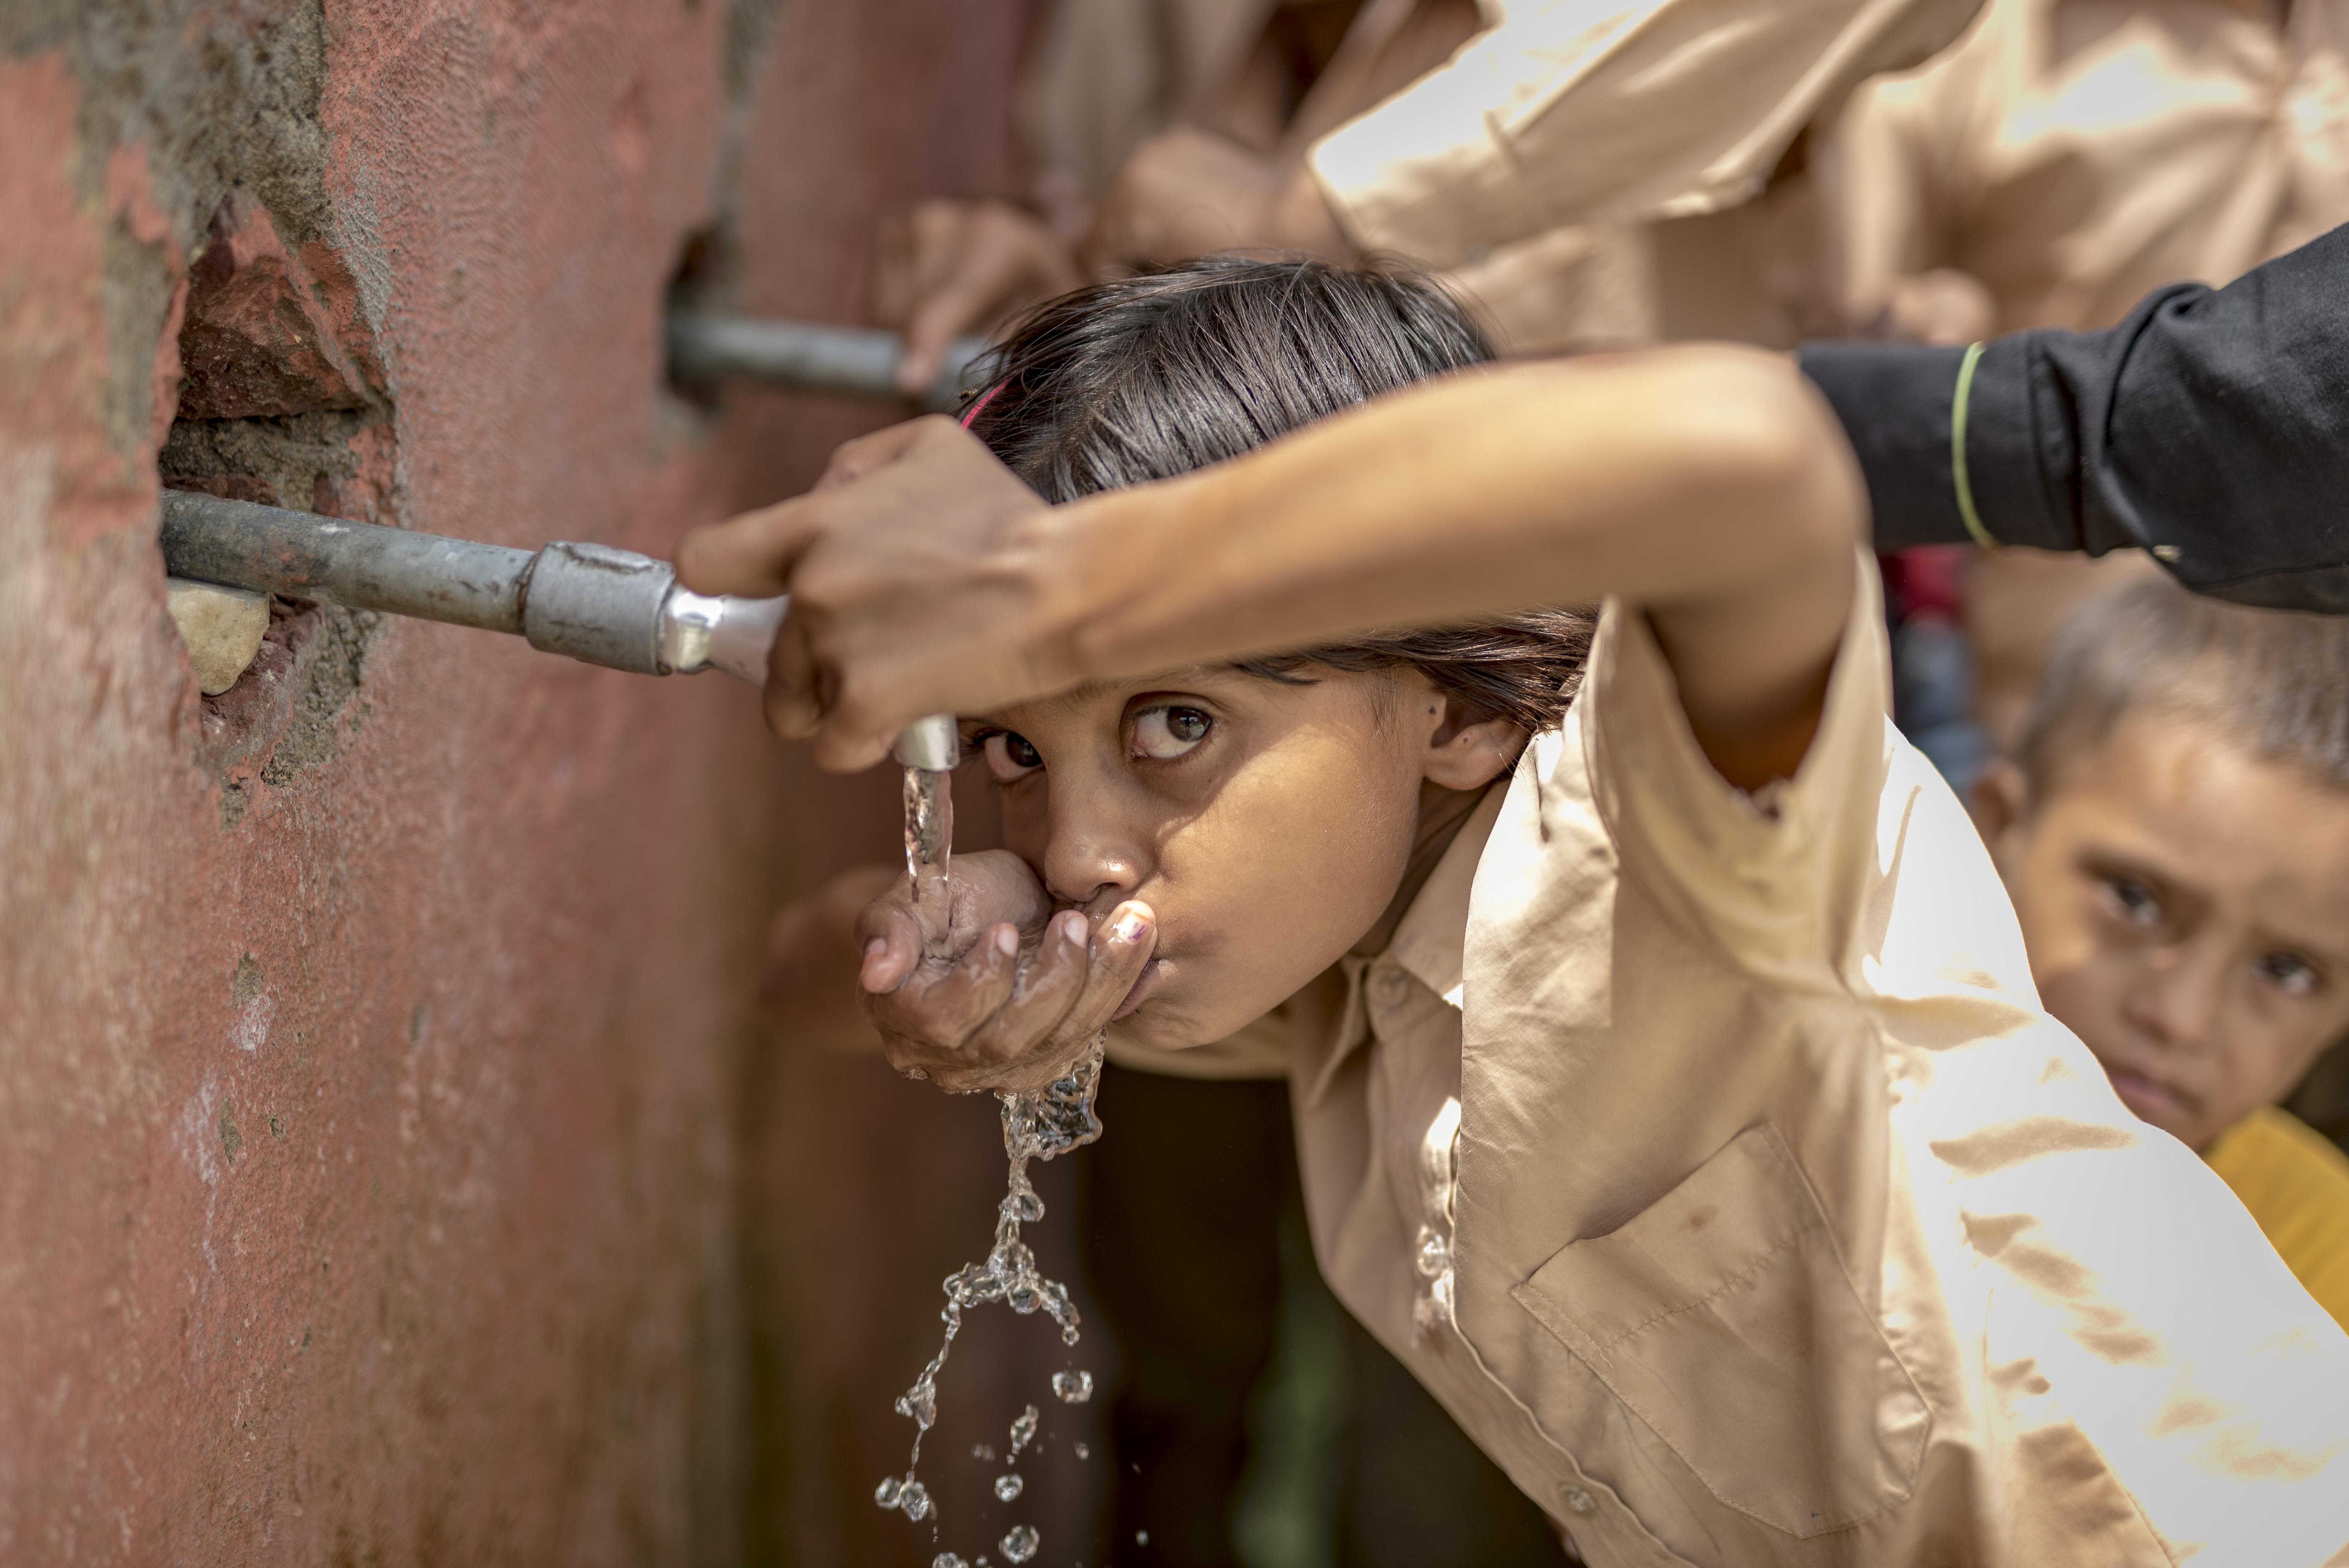 riesgo malnutrición infancia